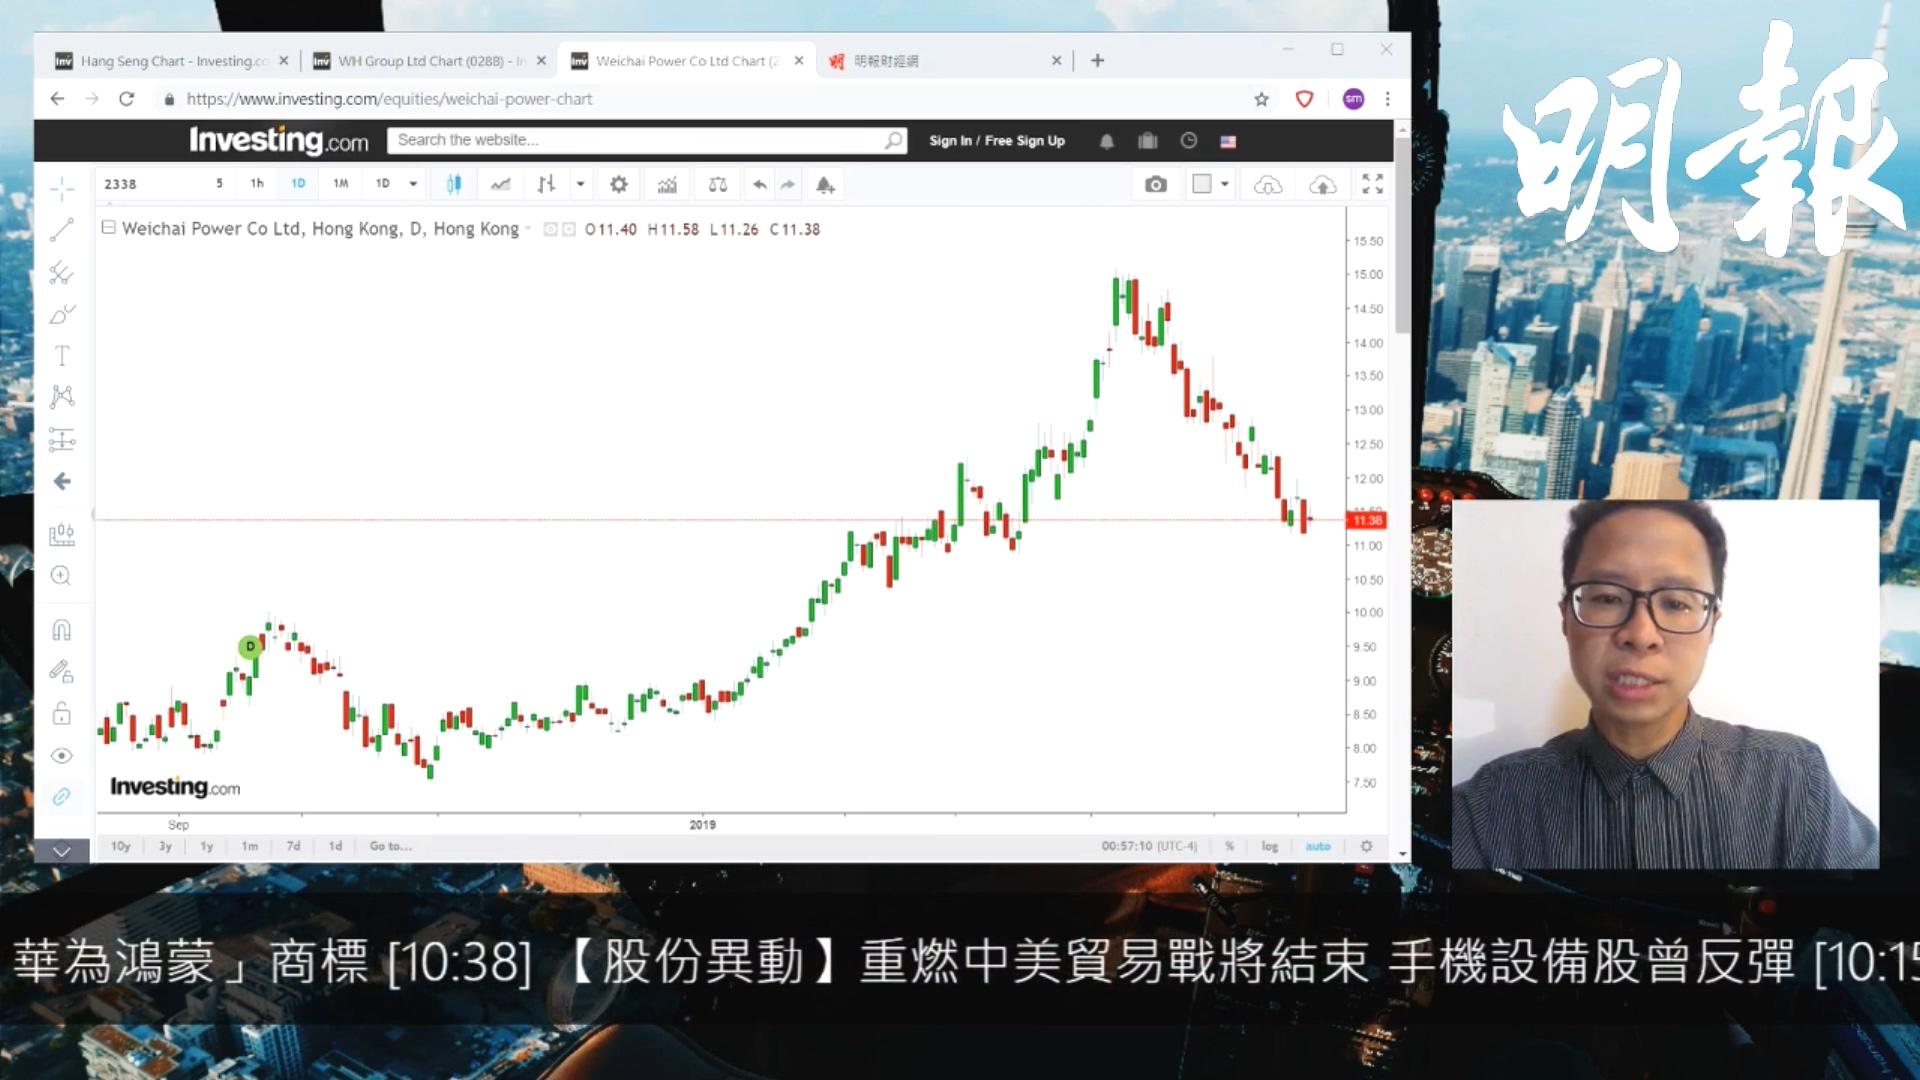 【有片:選股王】濰柴控制成本得宜 11元見支持